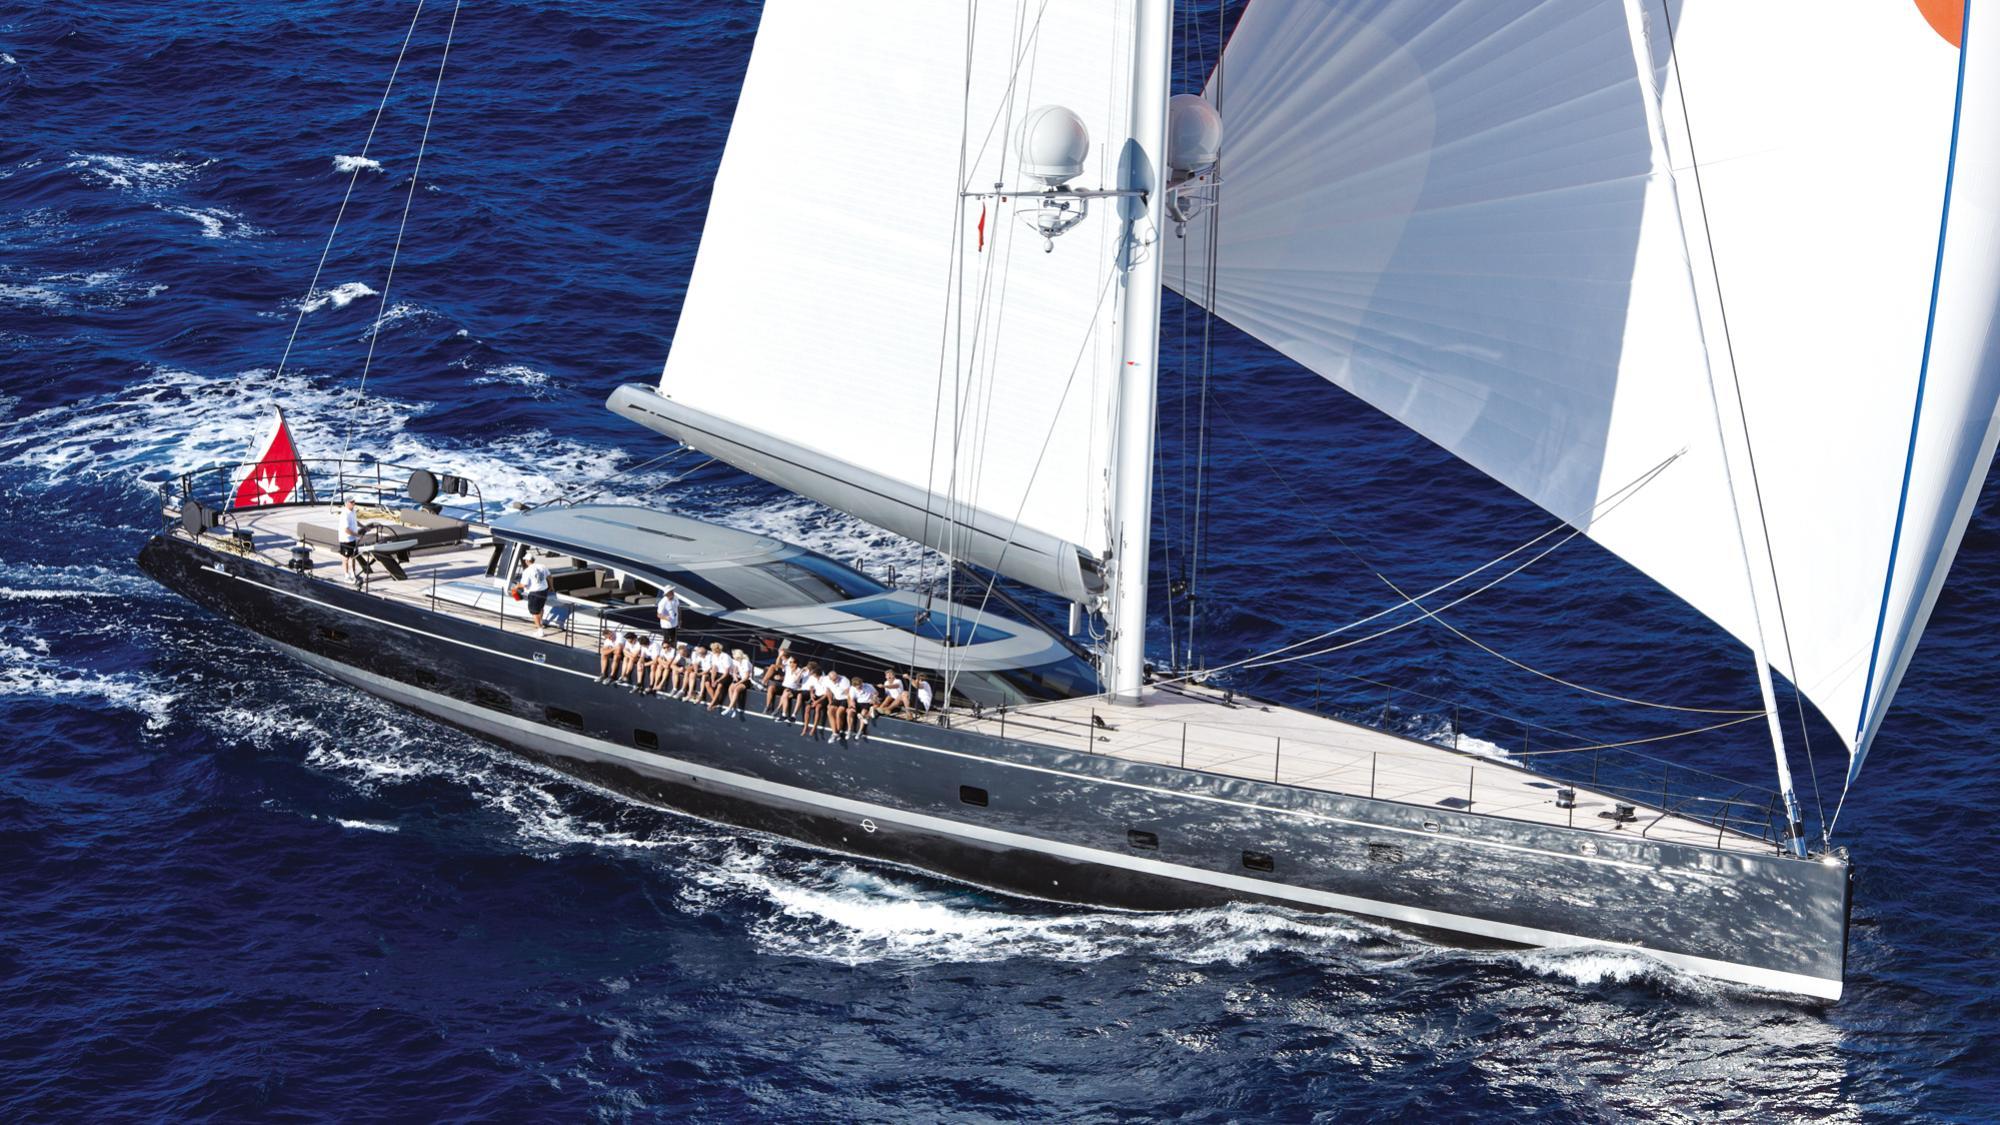 Ganesha-sailing-yacht-vitters-2013-46m-cruising